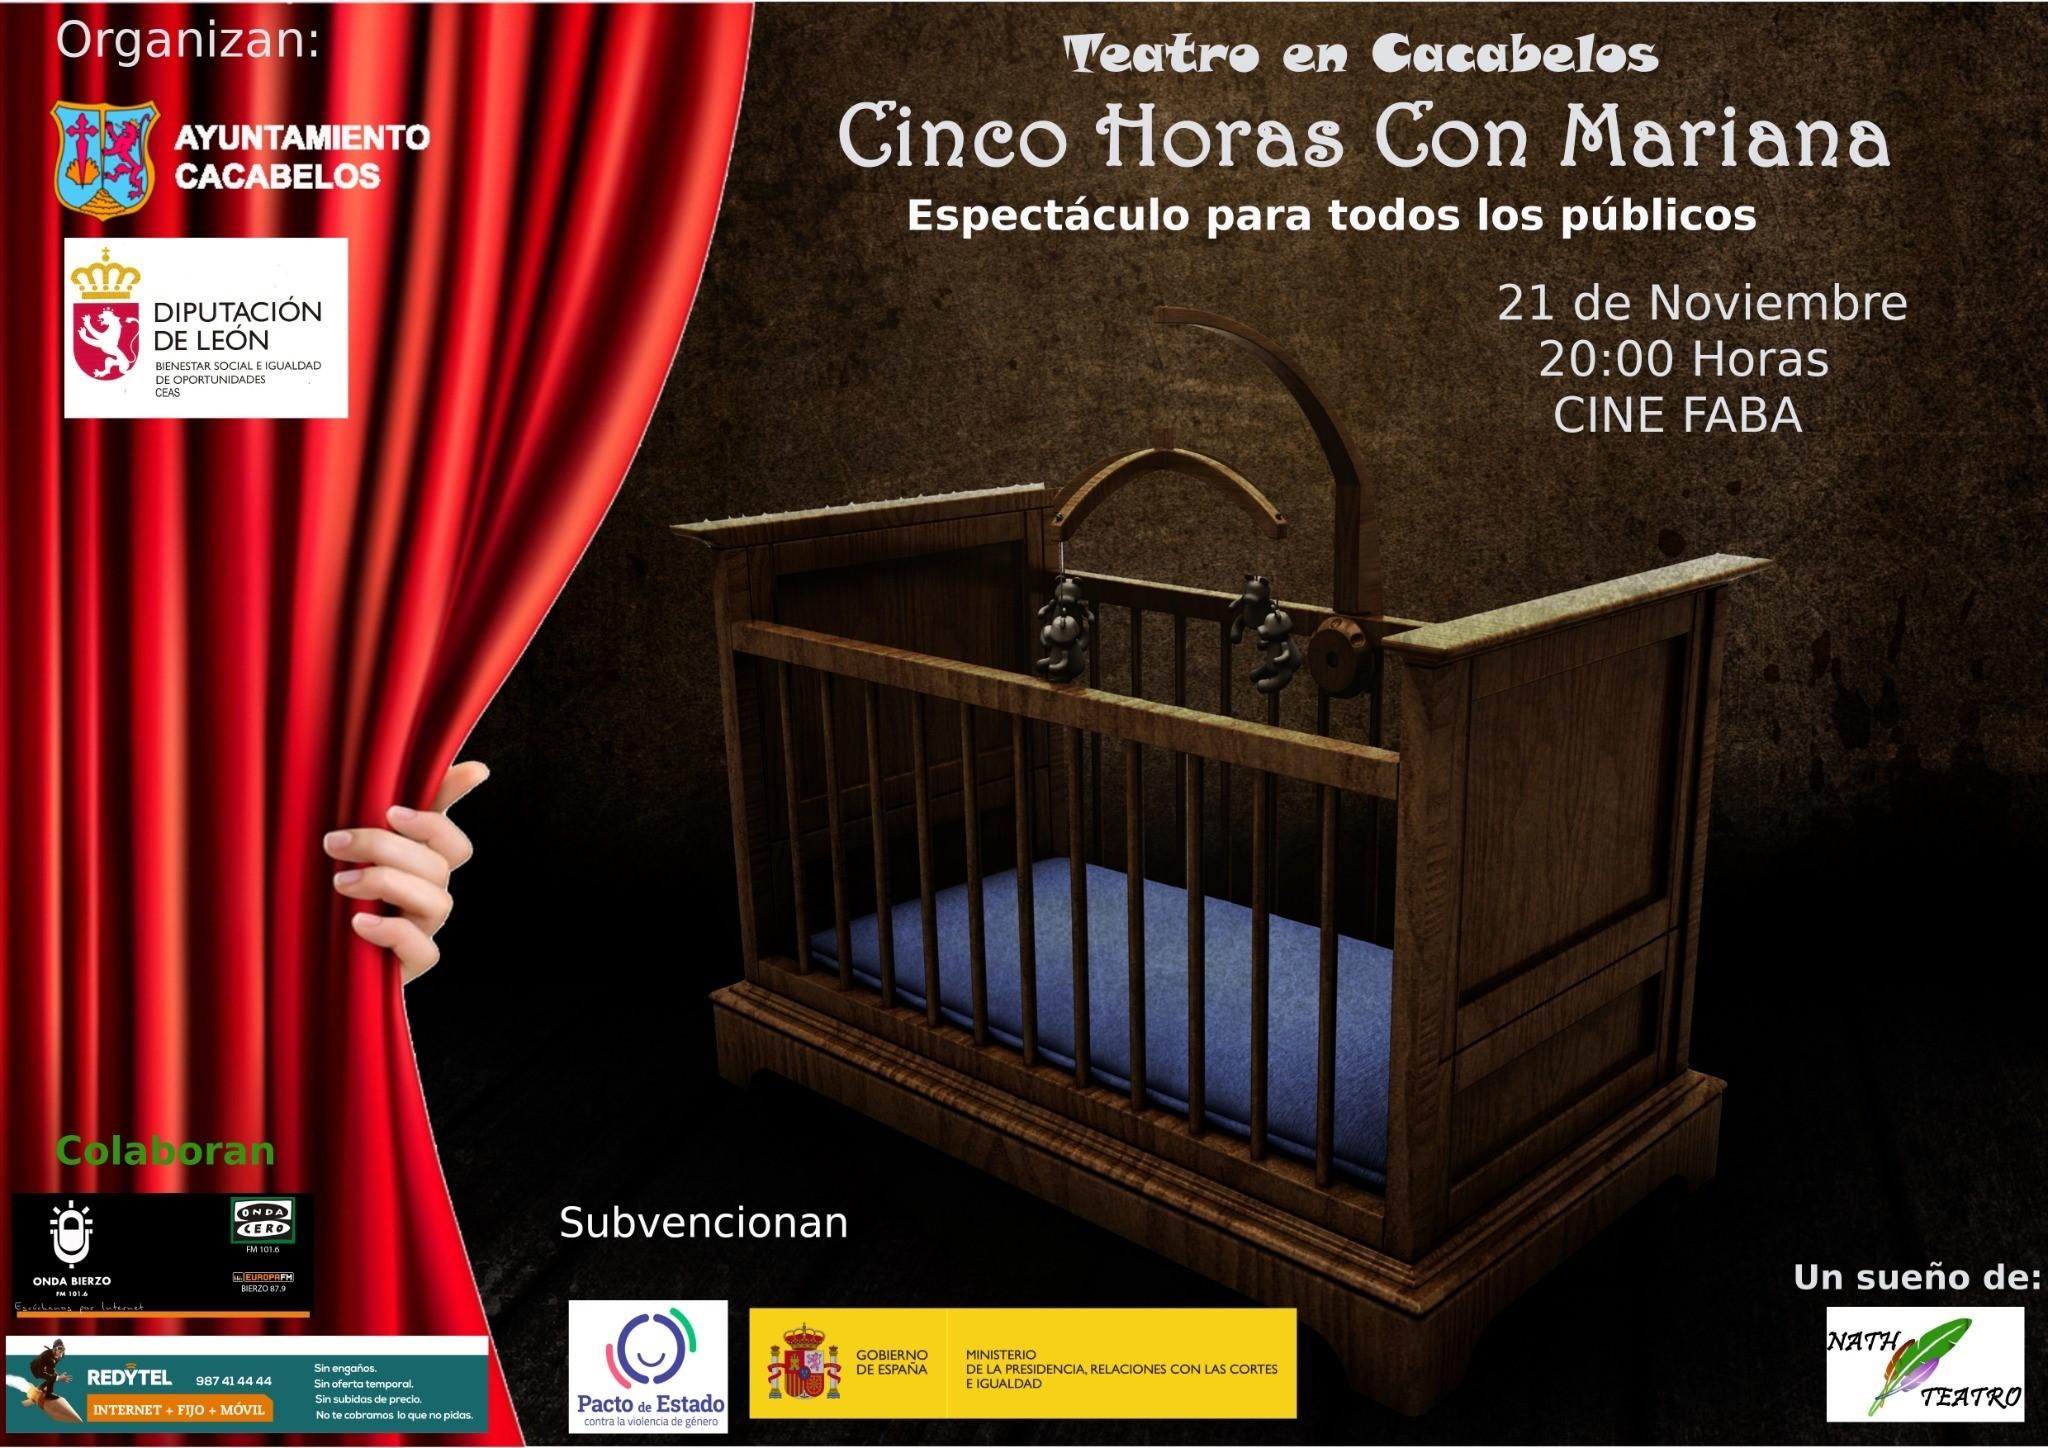 Cacabelos estrena la obra del berciano Andrés Campelo 'Cinco Horas con Mariana' el jueves 21 de noviembre 1